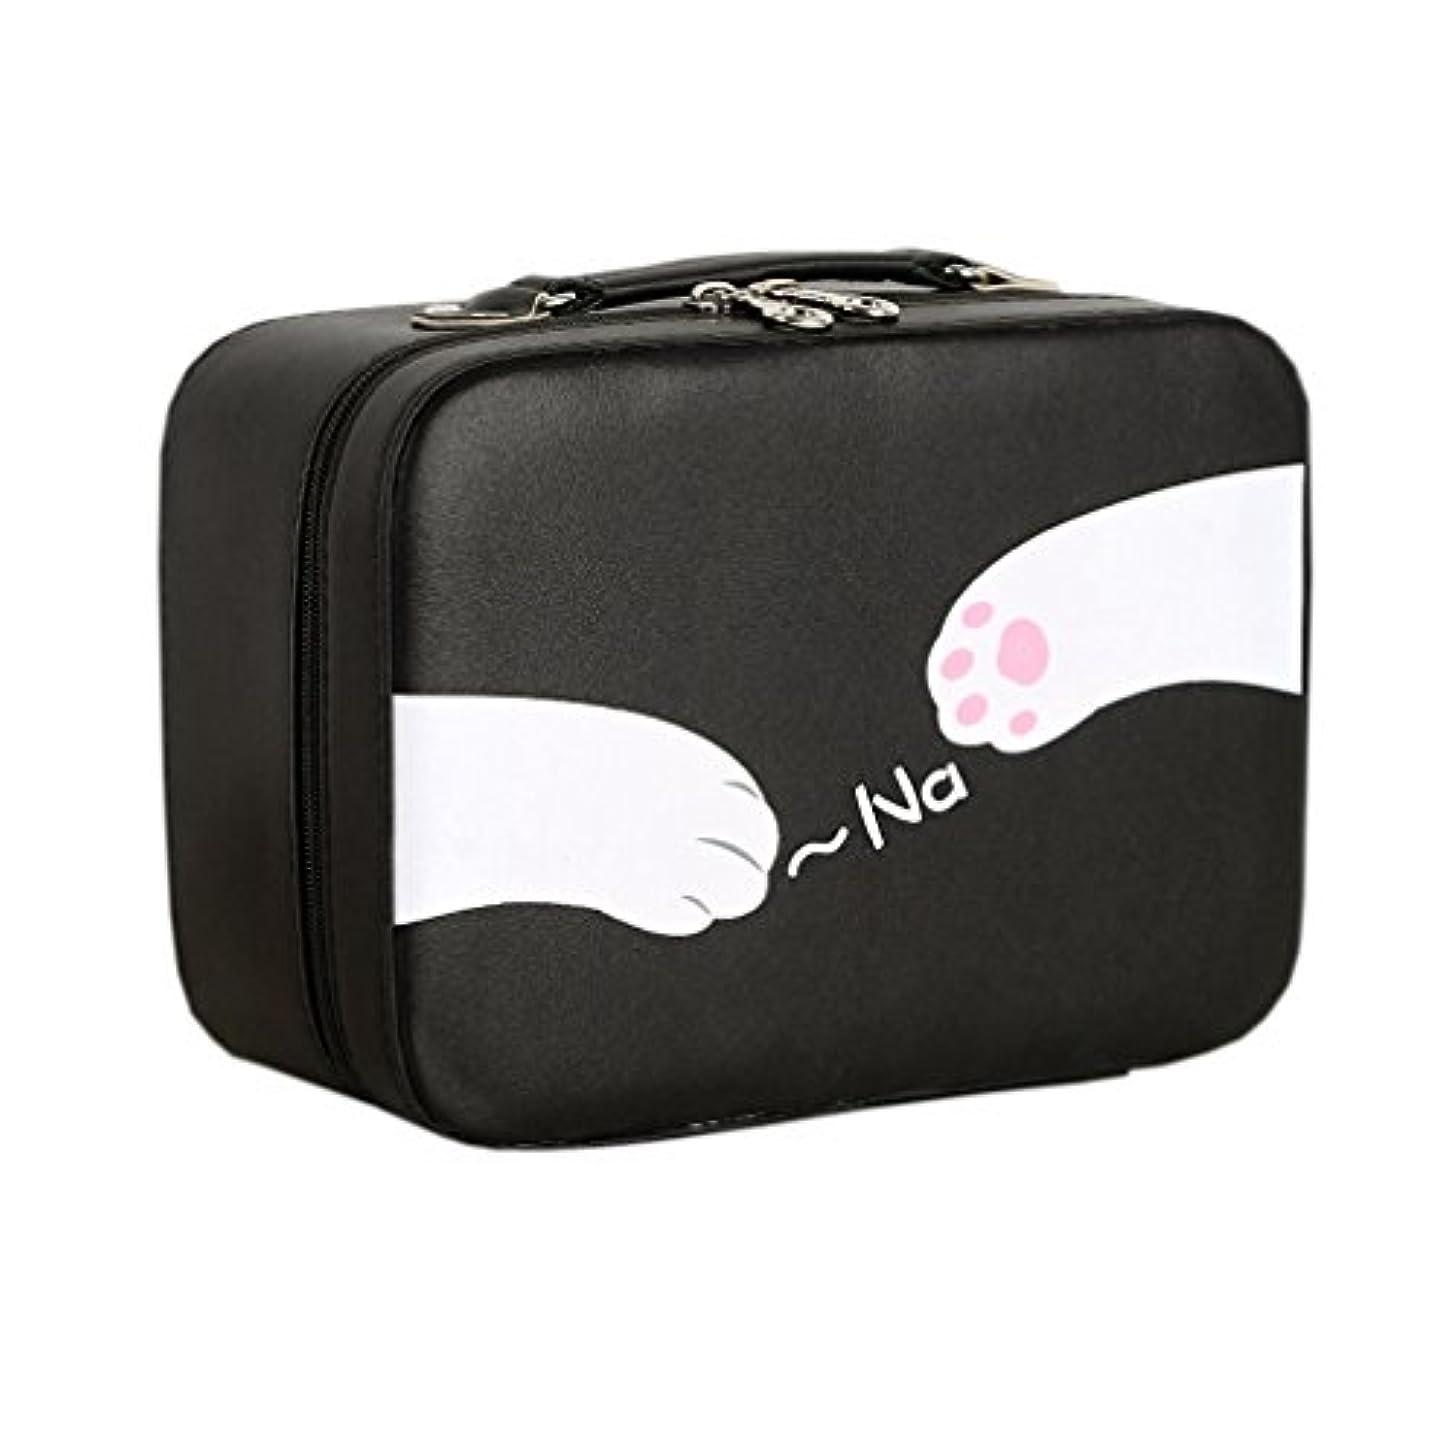 シャンプーどういたしましてキャプテン店舗]化粧ポーチ 大容量 機能的 猫柄 11選択 メイクポーチ 化粧ボックス バニティーケース 仕切り 鏡付き ブラシ収納 取っ手付き ダブルジップ 撥水加工 かわいい おしゃれ 軽量 女性